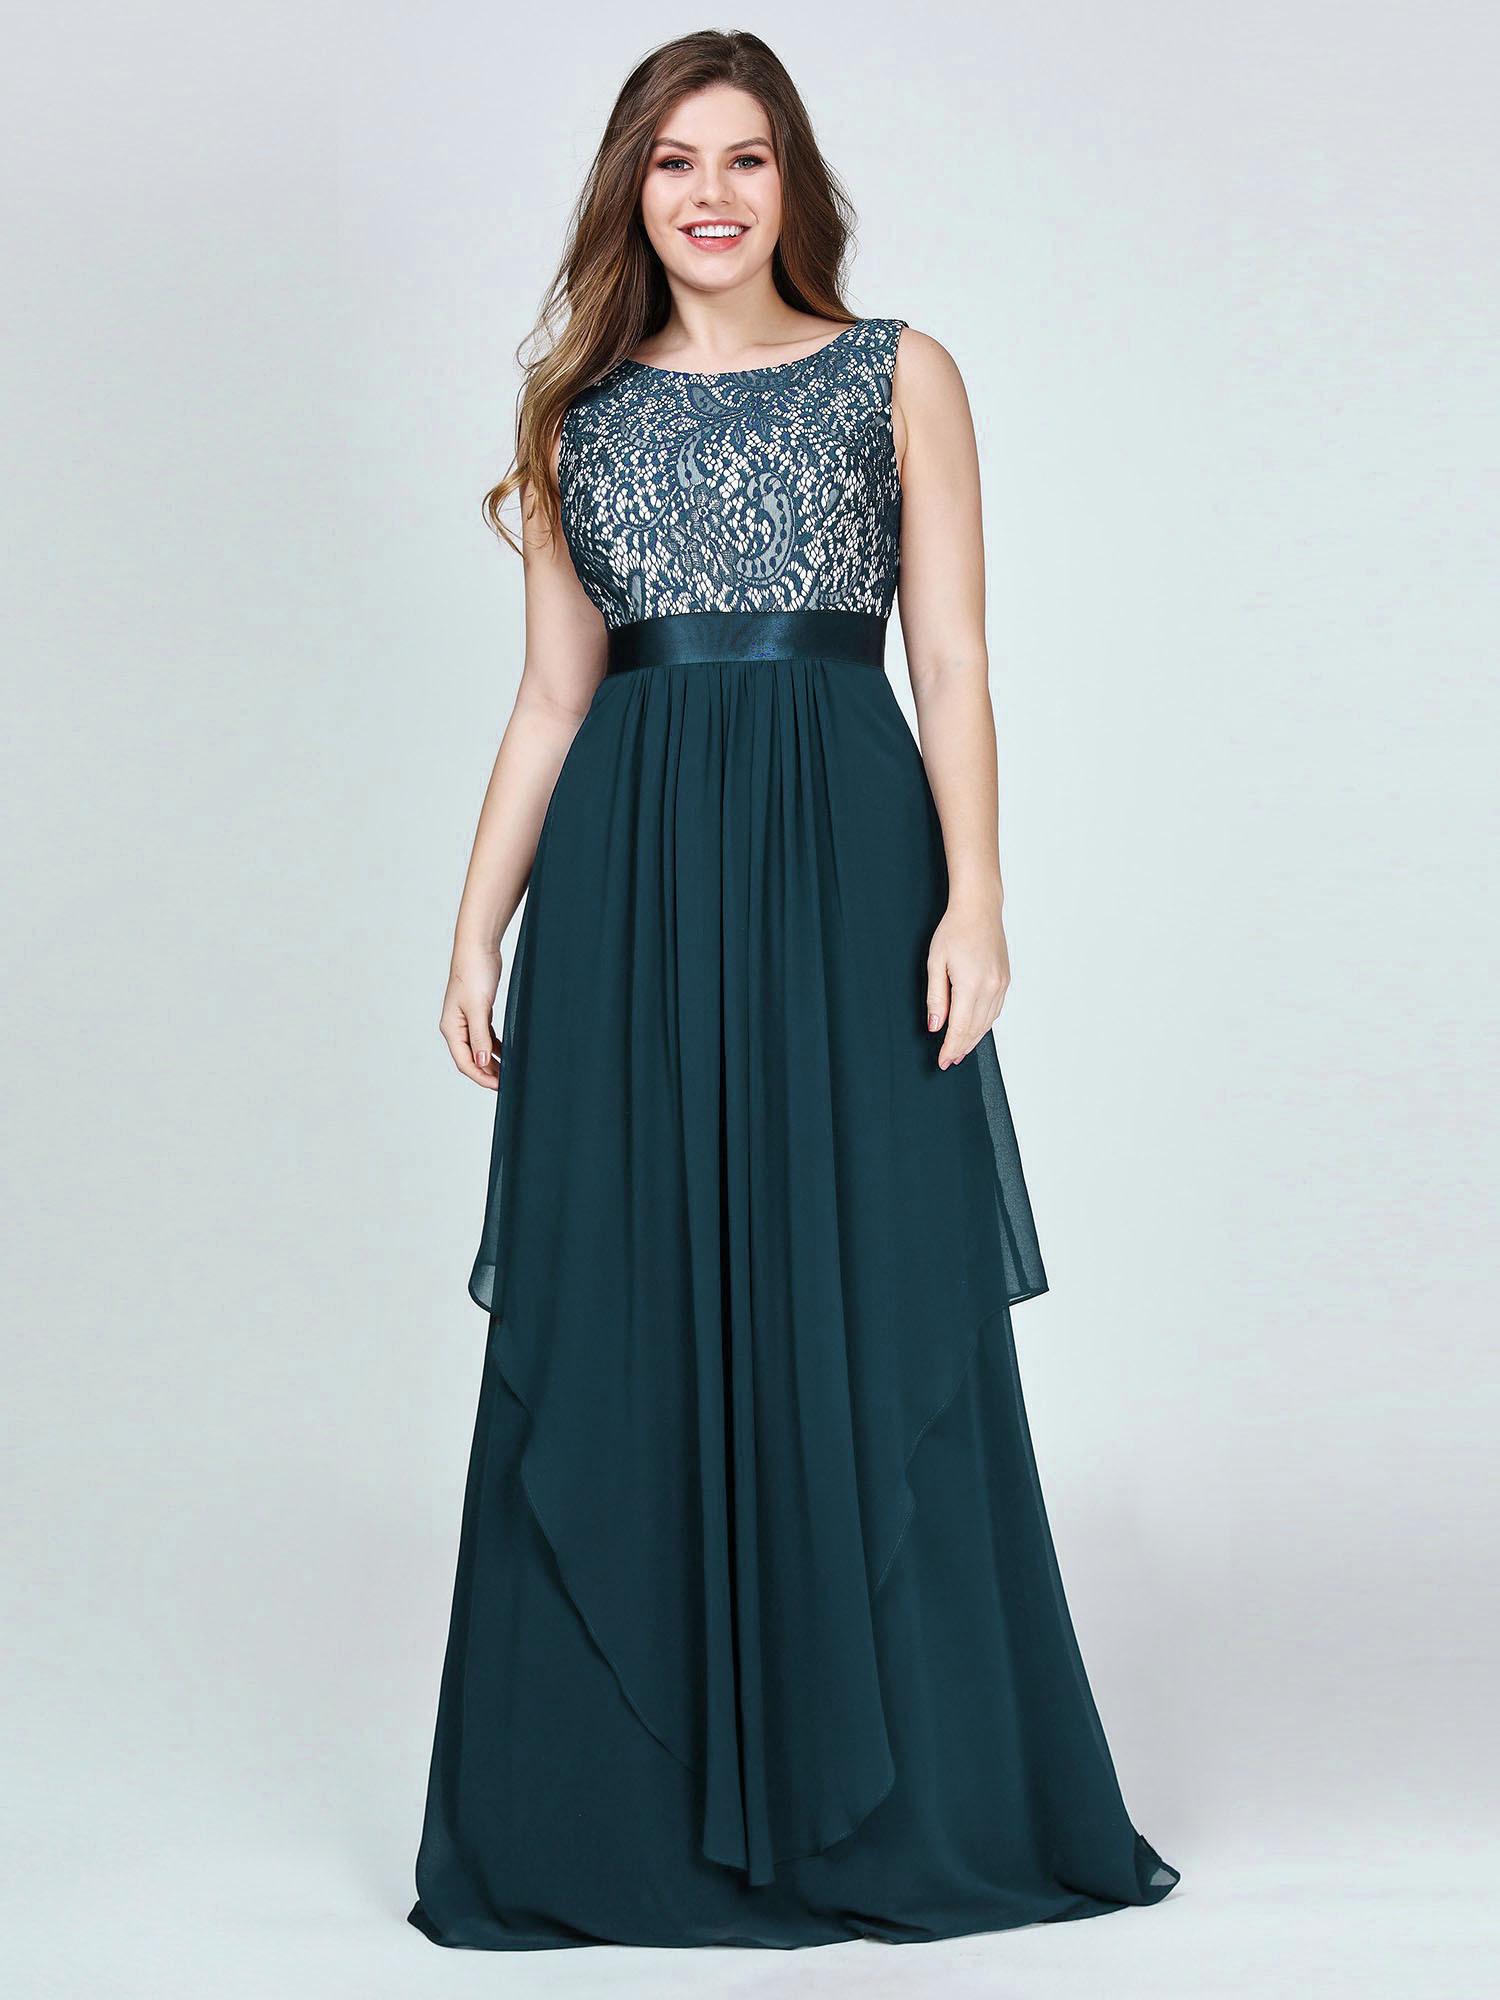 15 Schön Abendkleid Große Größe Stylish13 Luxus Abendkleid Große Größe Ärmel